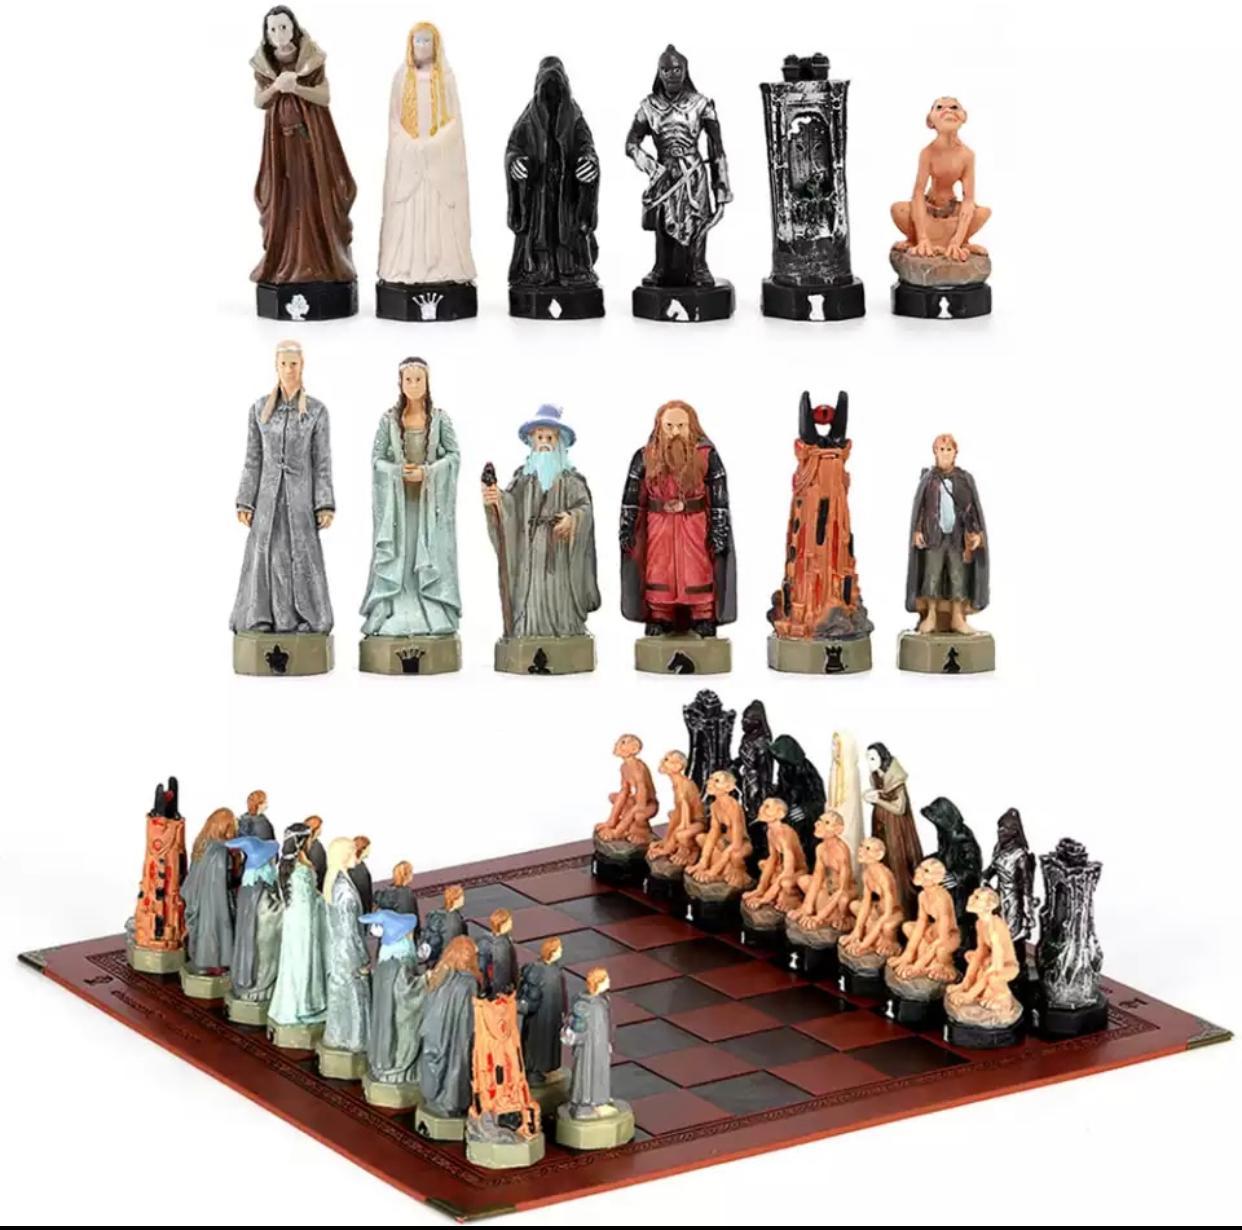 Jogo de Xadrez Chess Geek O Senhor dos Anéis The Lord of the Rings 32 Peças - EVALI